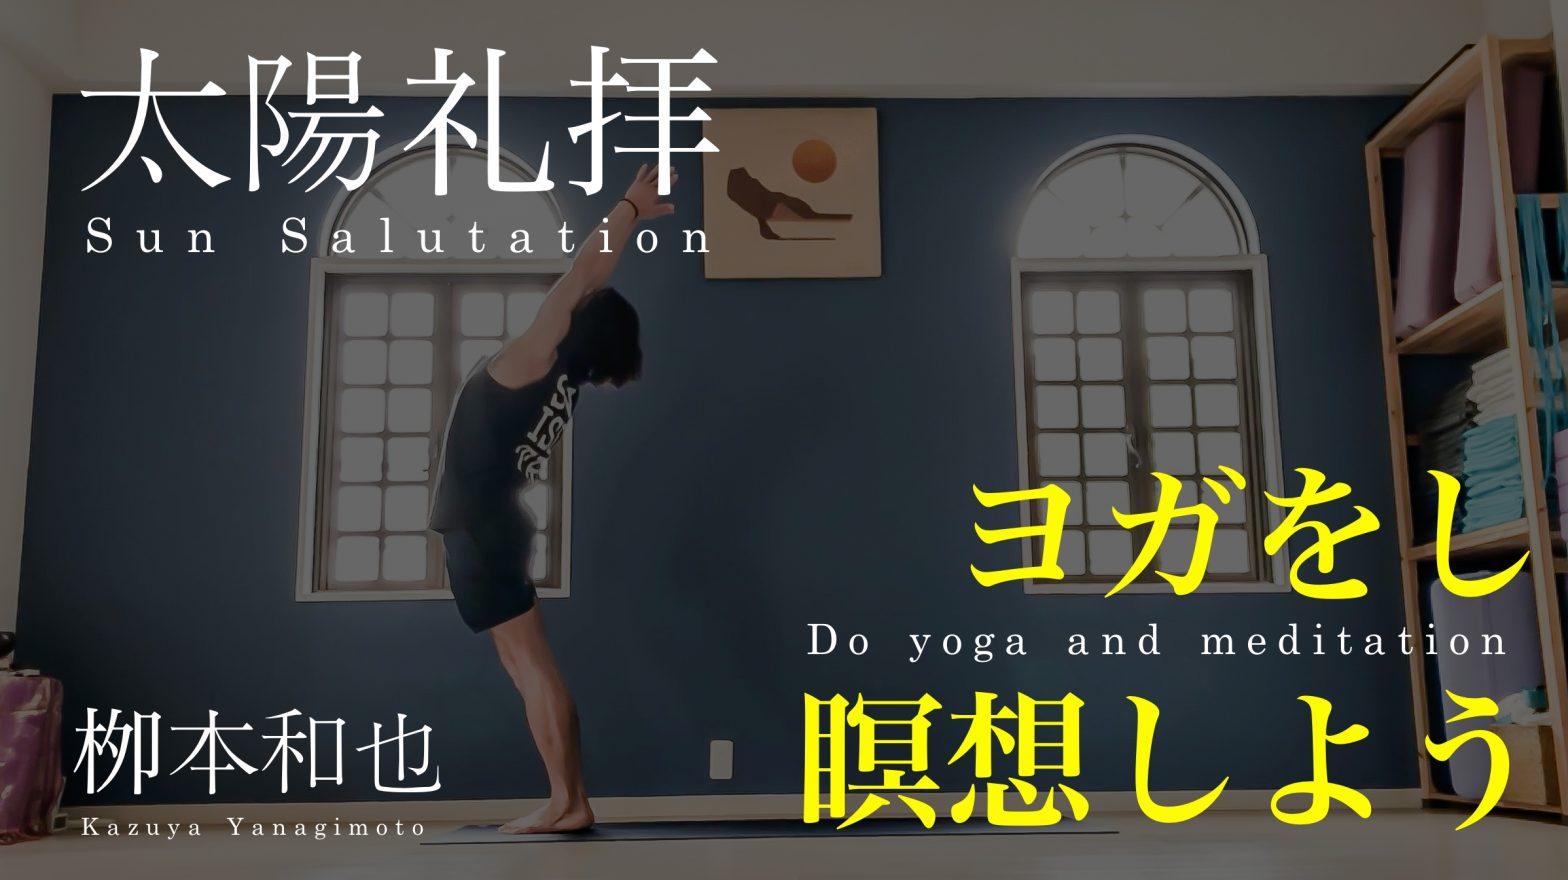 太陽礼拝 柳本和也 アサナアンダラ kazuya youtube